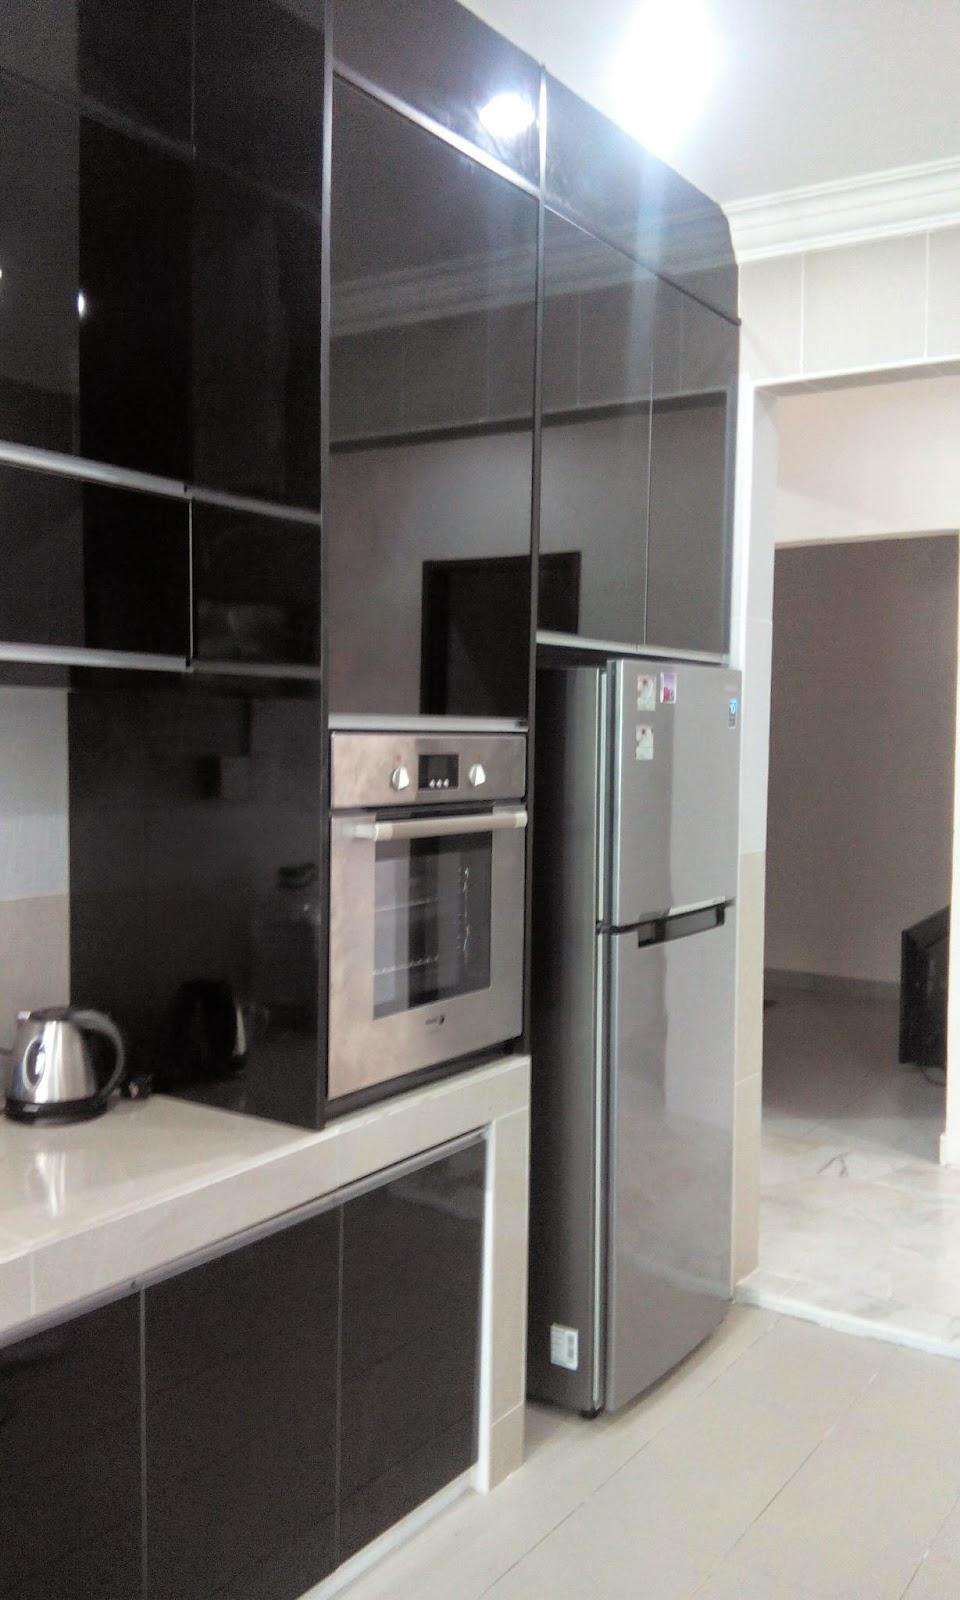 Terdapat Juga Satu Carcas Atau Body Cabinet Tall Unit Untuk Peti Ais Dan Oven Kat Tepi Ruangan Dapur Kan Comey Macam Ni Barangan Pun Tersusun